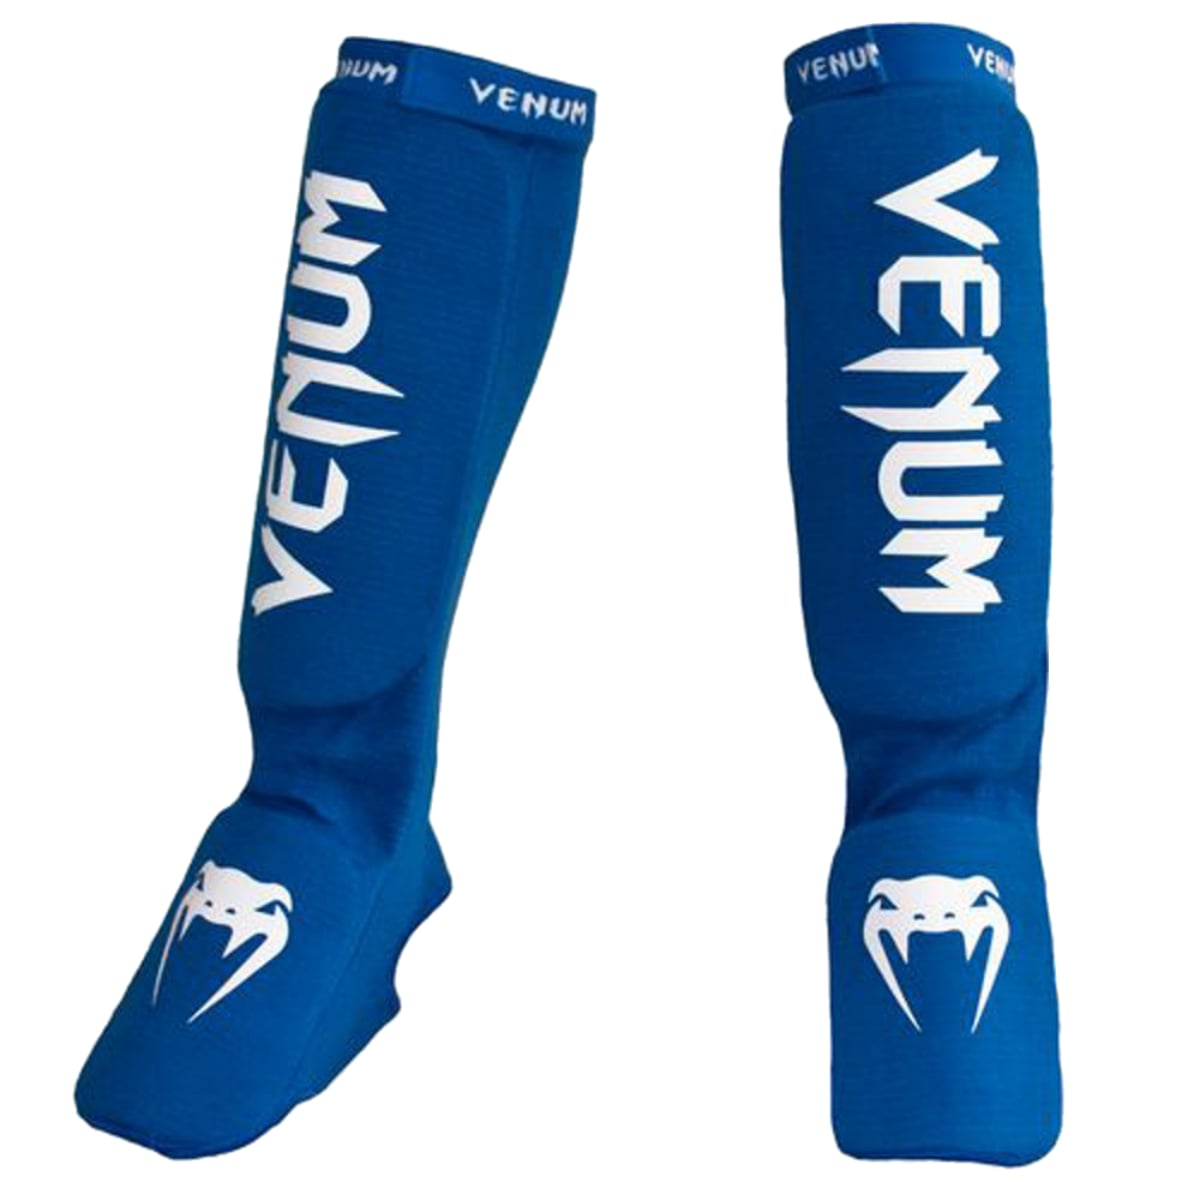 Caneleira Venum Kontact - Azul